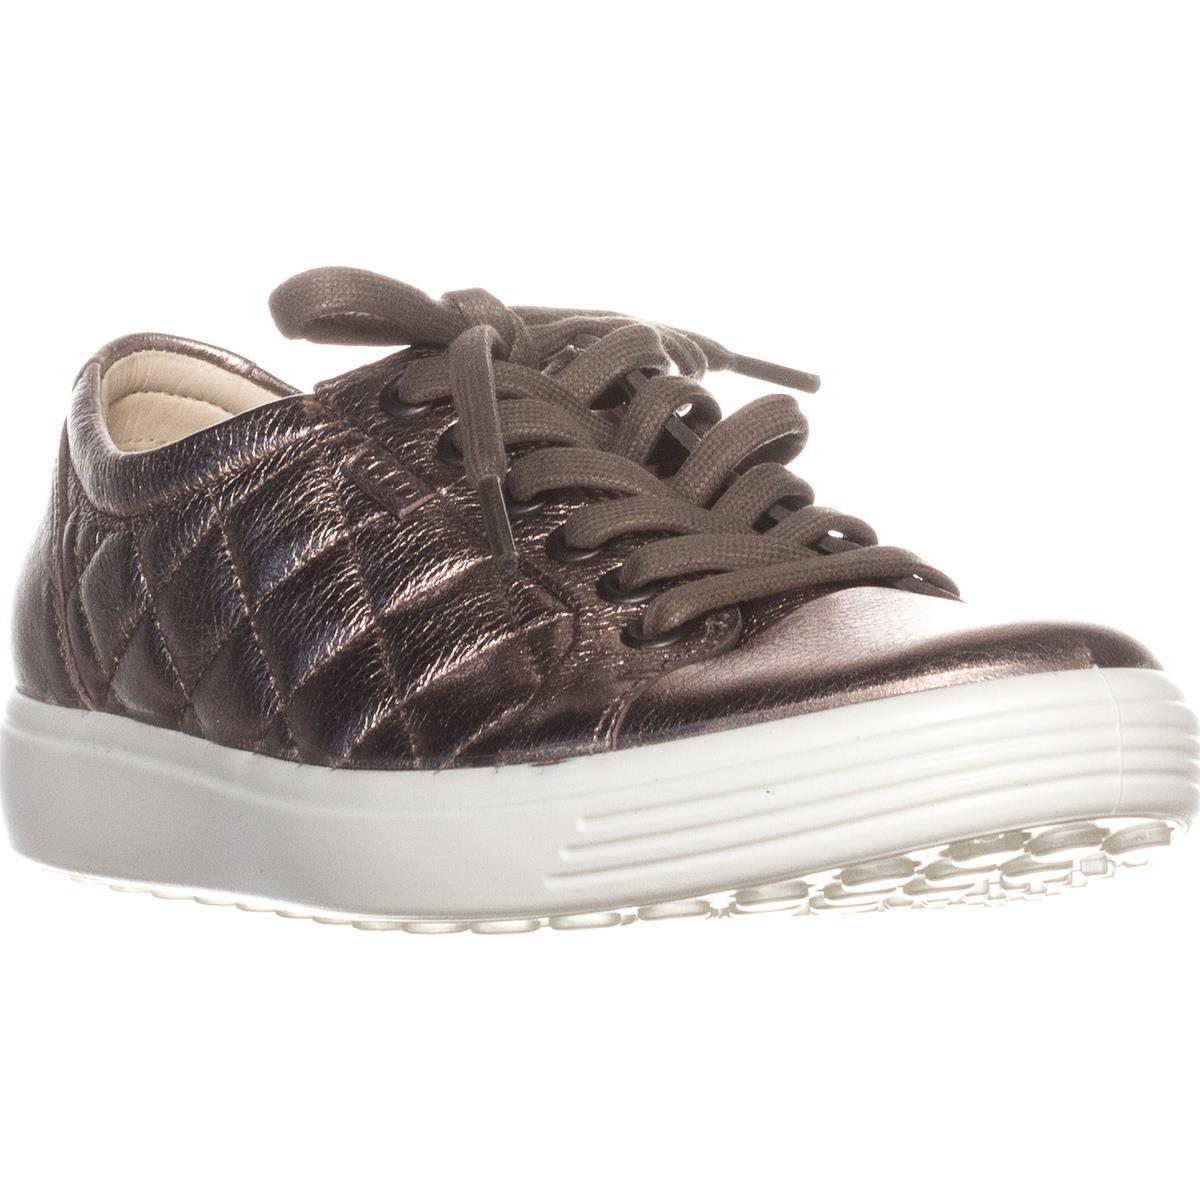 Womens ECCO Footwear Soft 7 Fashion Sneakers, Warm Grey by Ecco